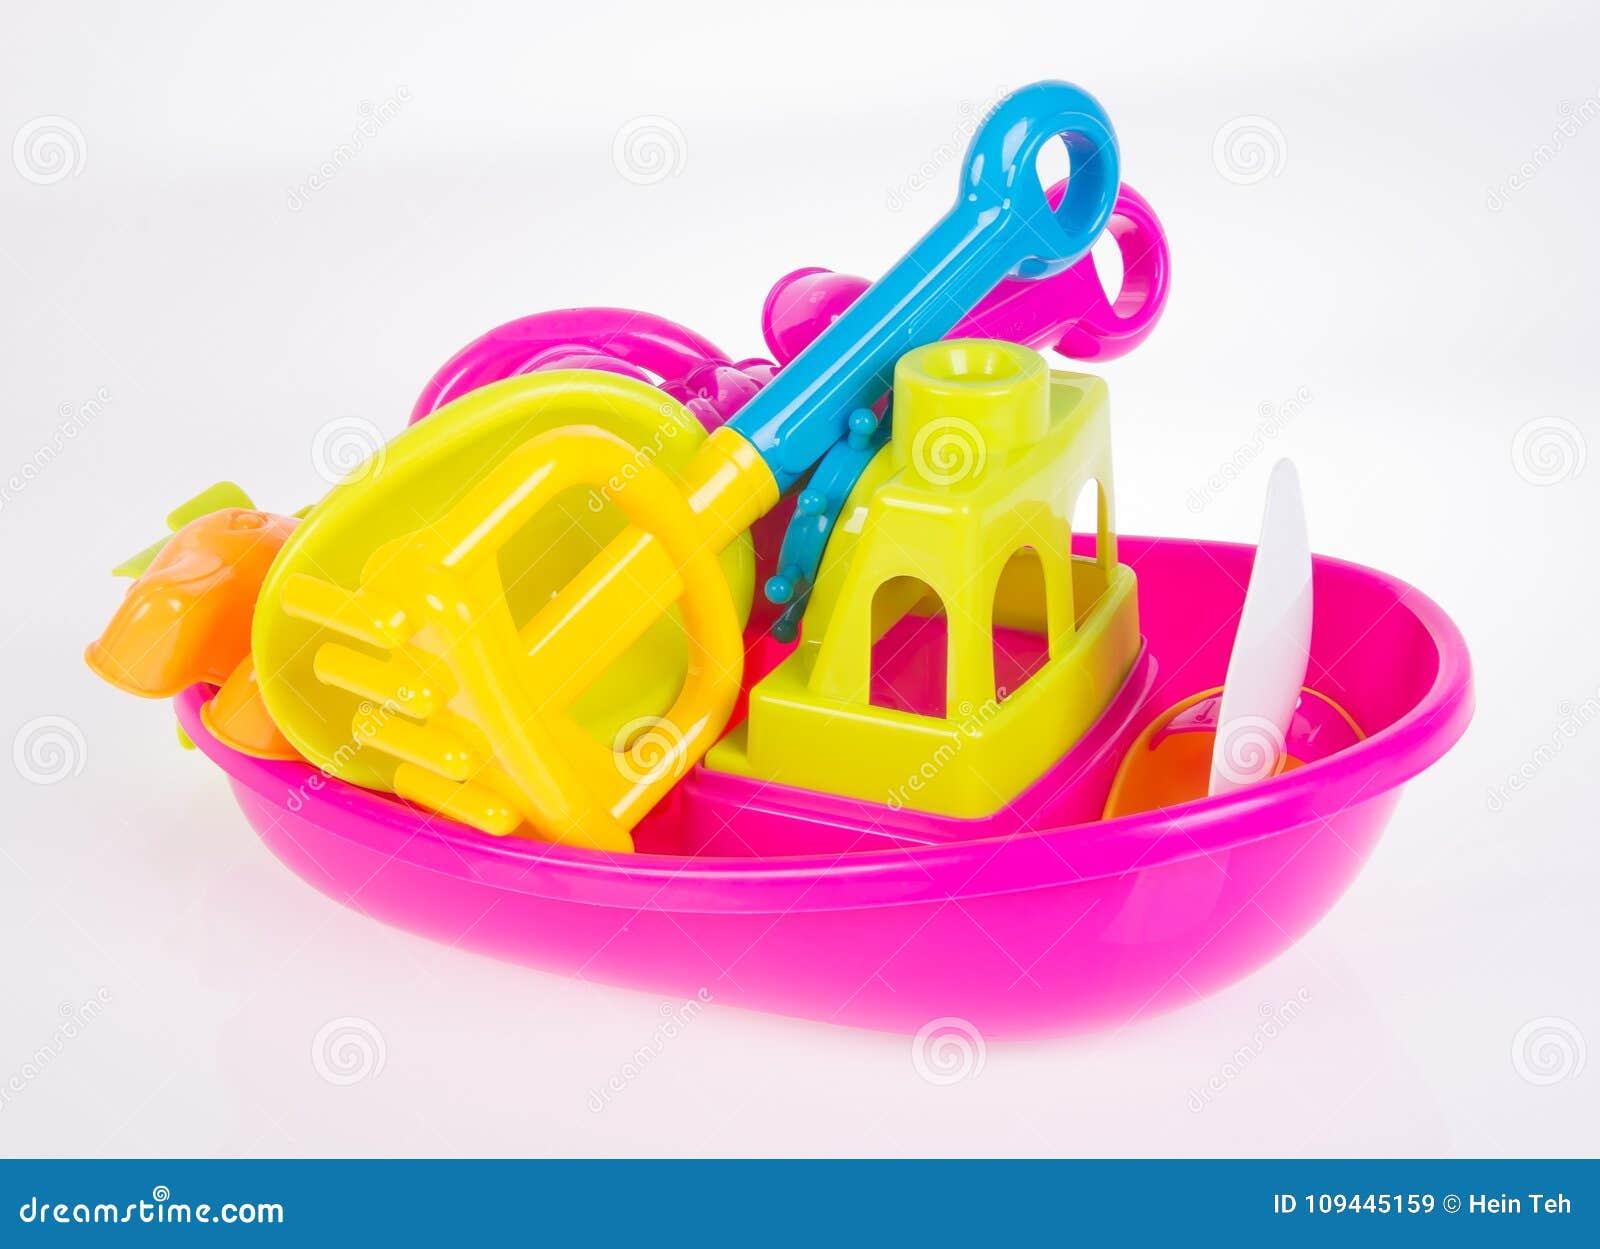 Toy Het speelgoed van de strandbaby op de achtergrond